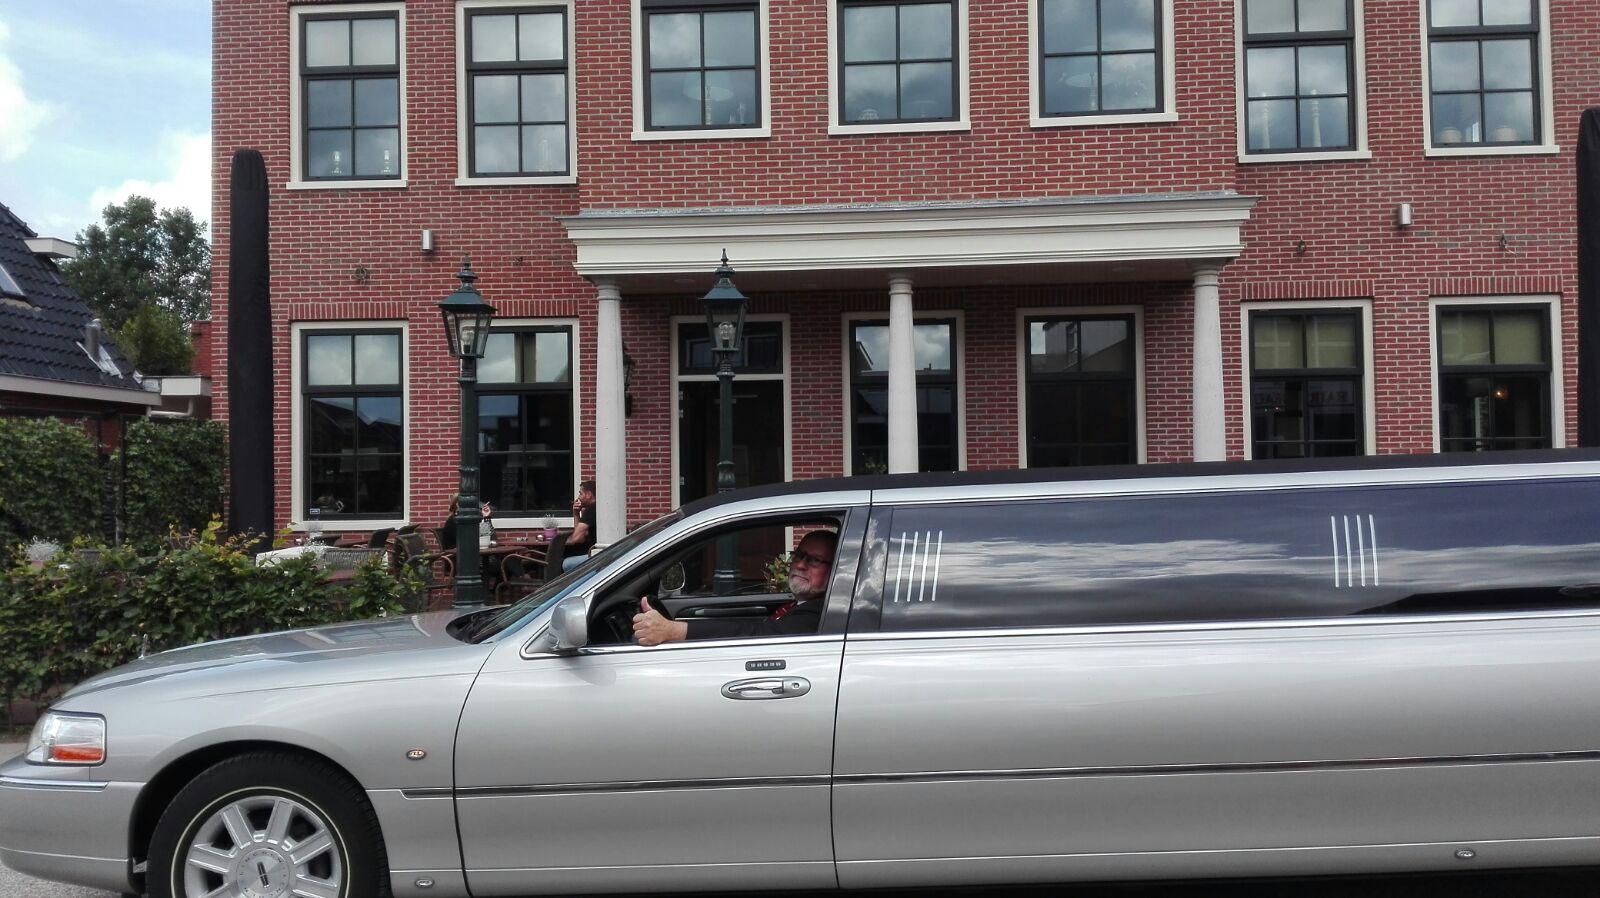 limousine huren vrijgezellenfeest in stijl de postwagen Goedkoop Limousine Verhuur.htm #17